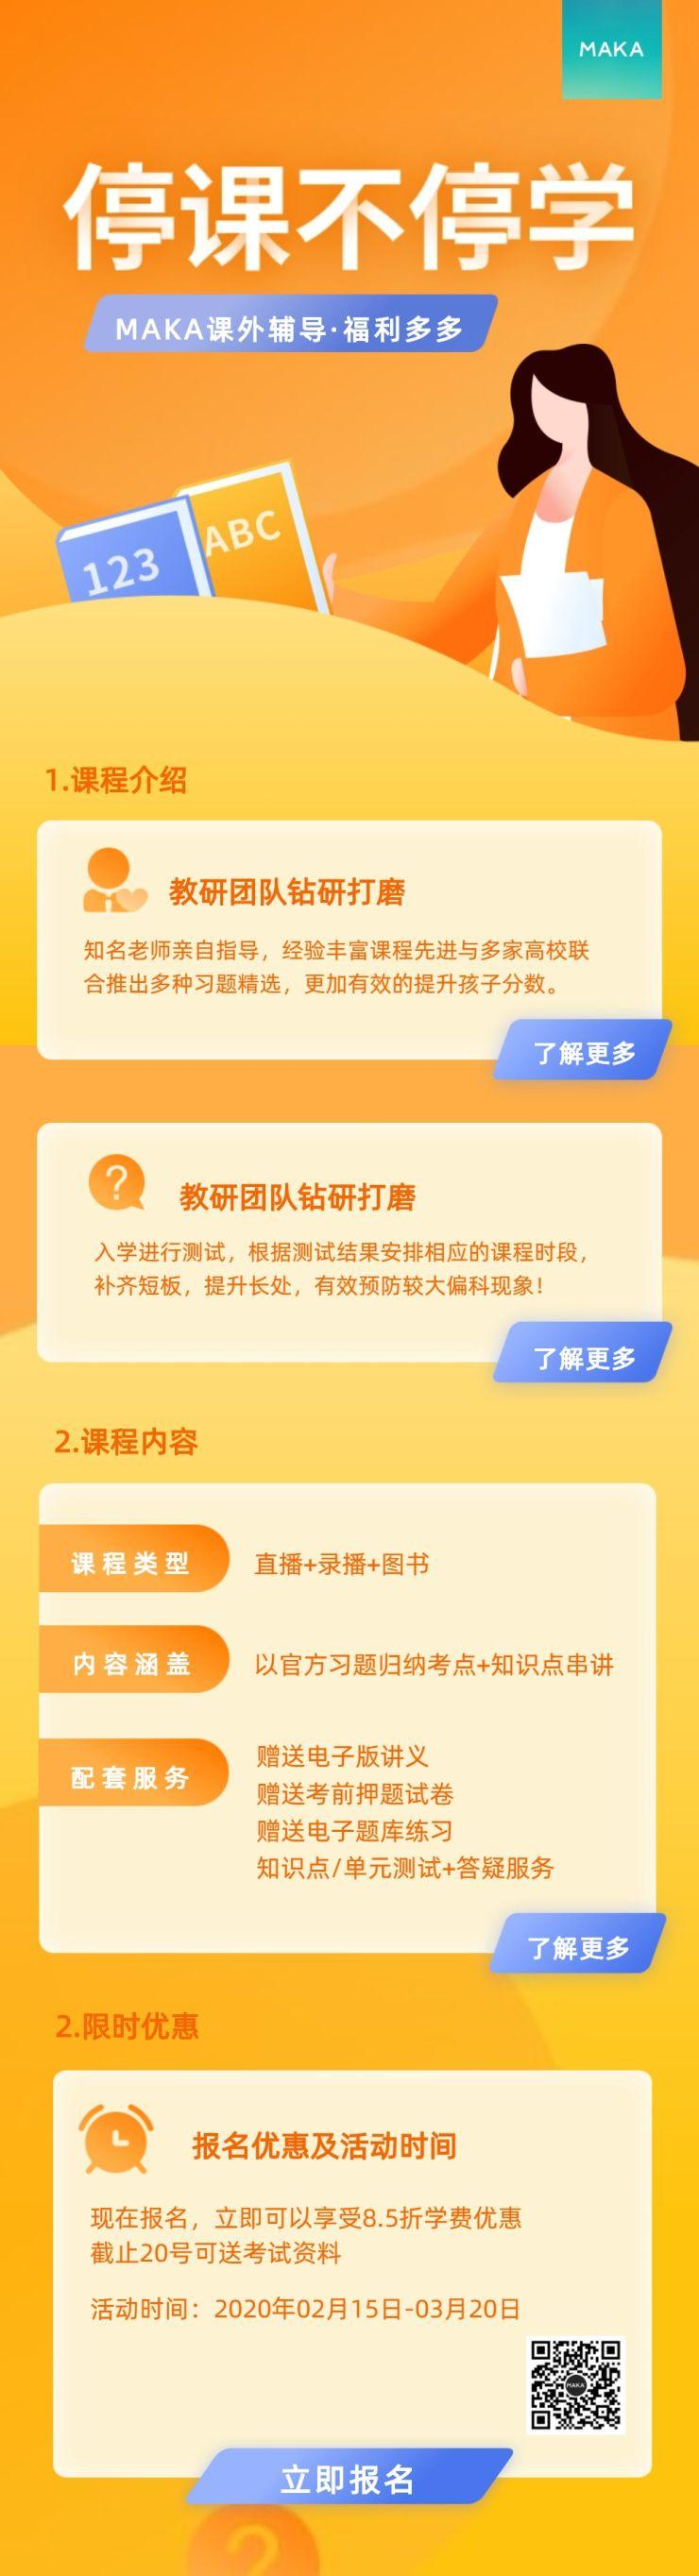 简约黄色网络课程培训招生文章长图模板